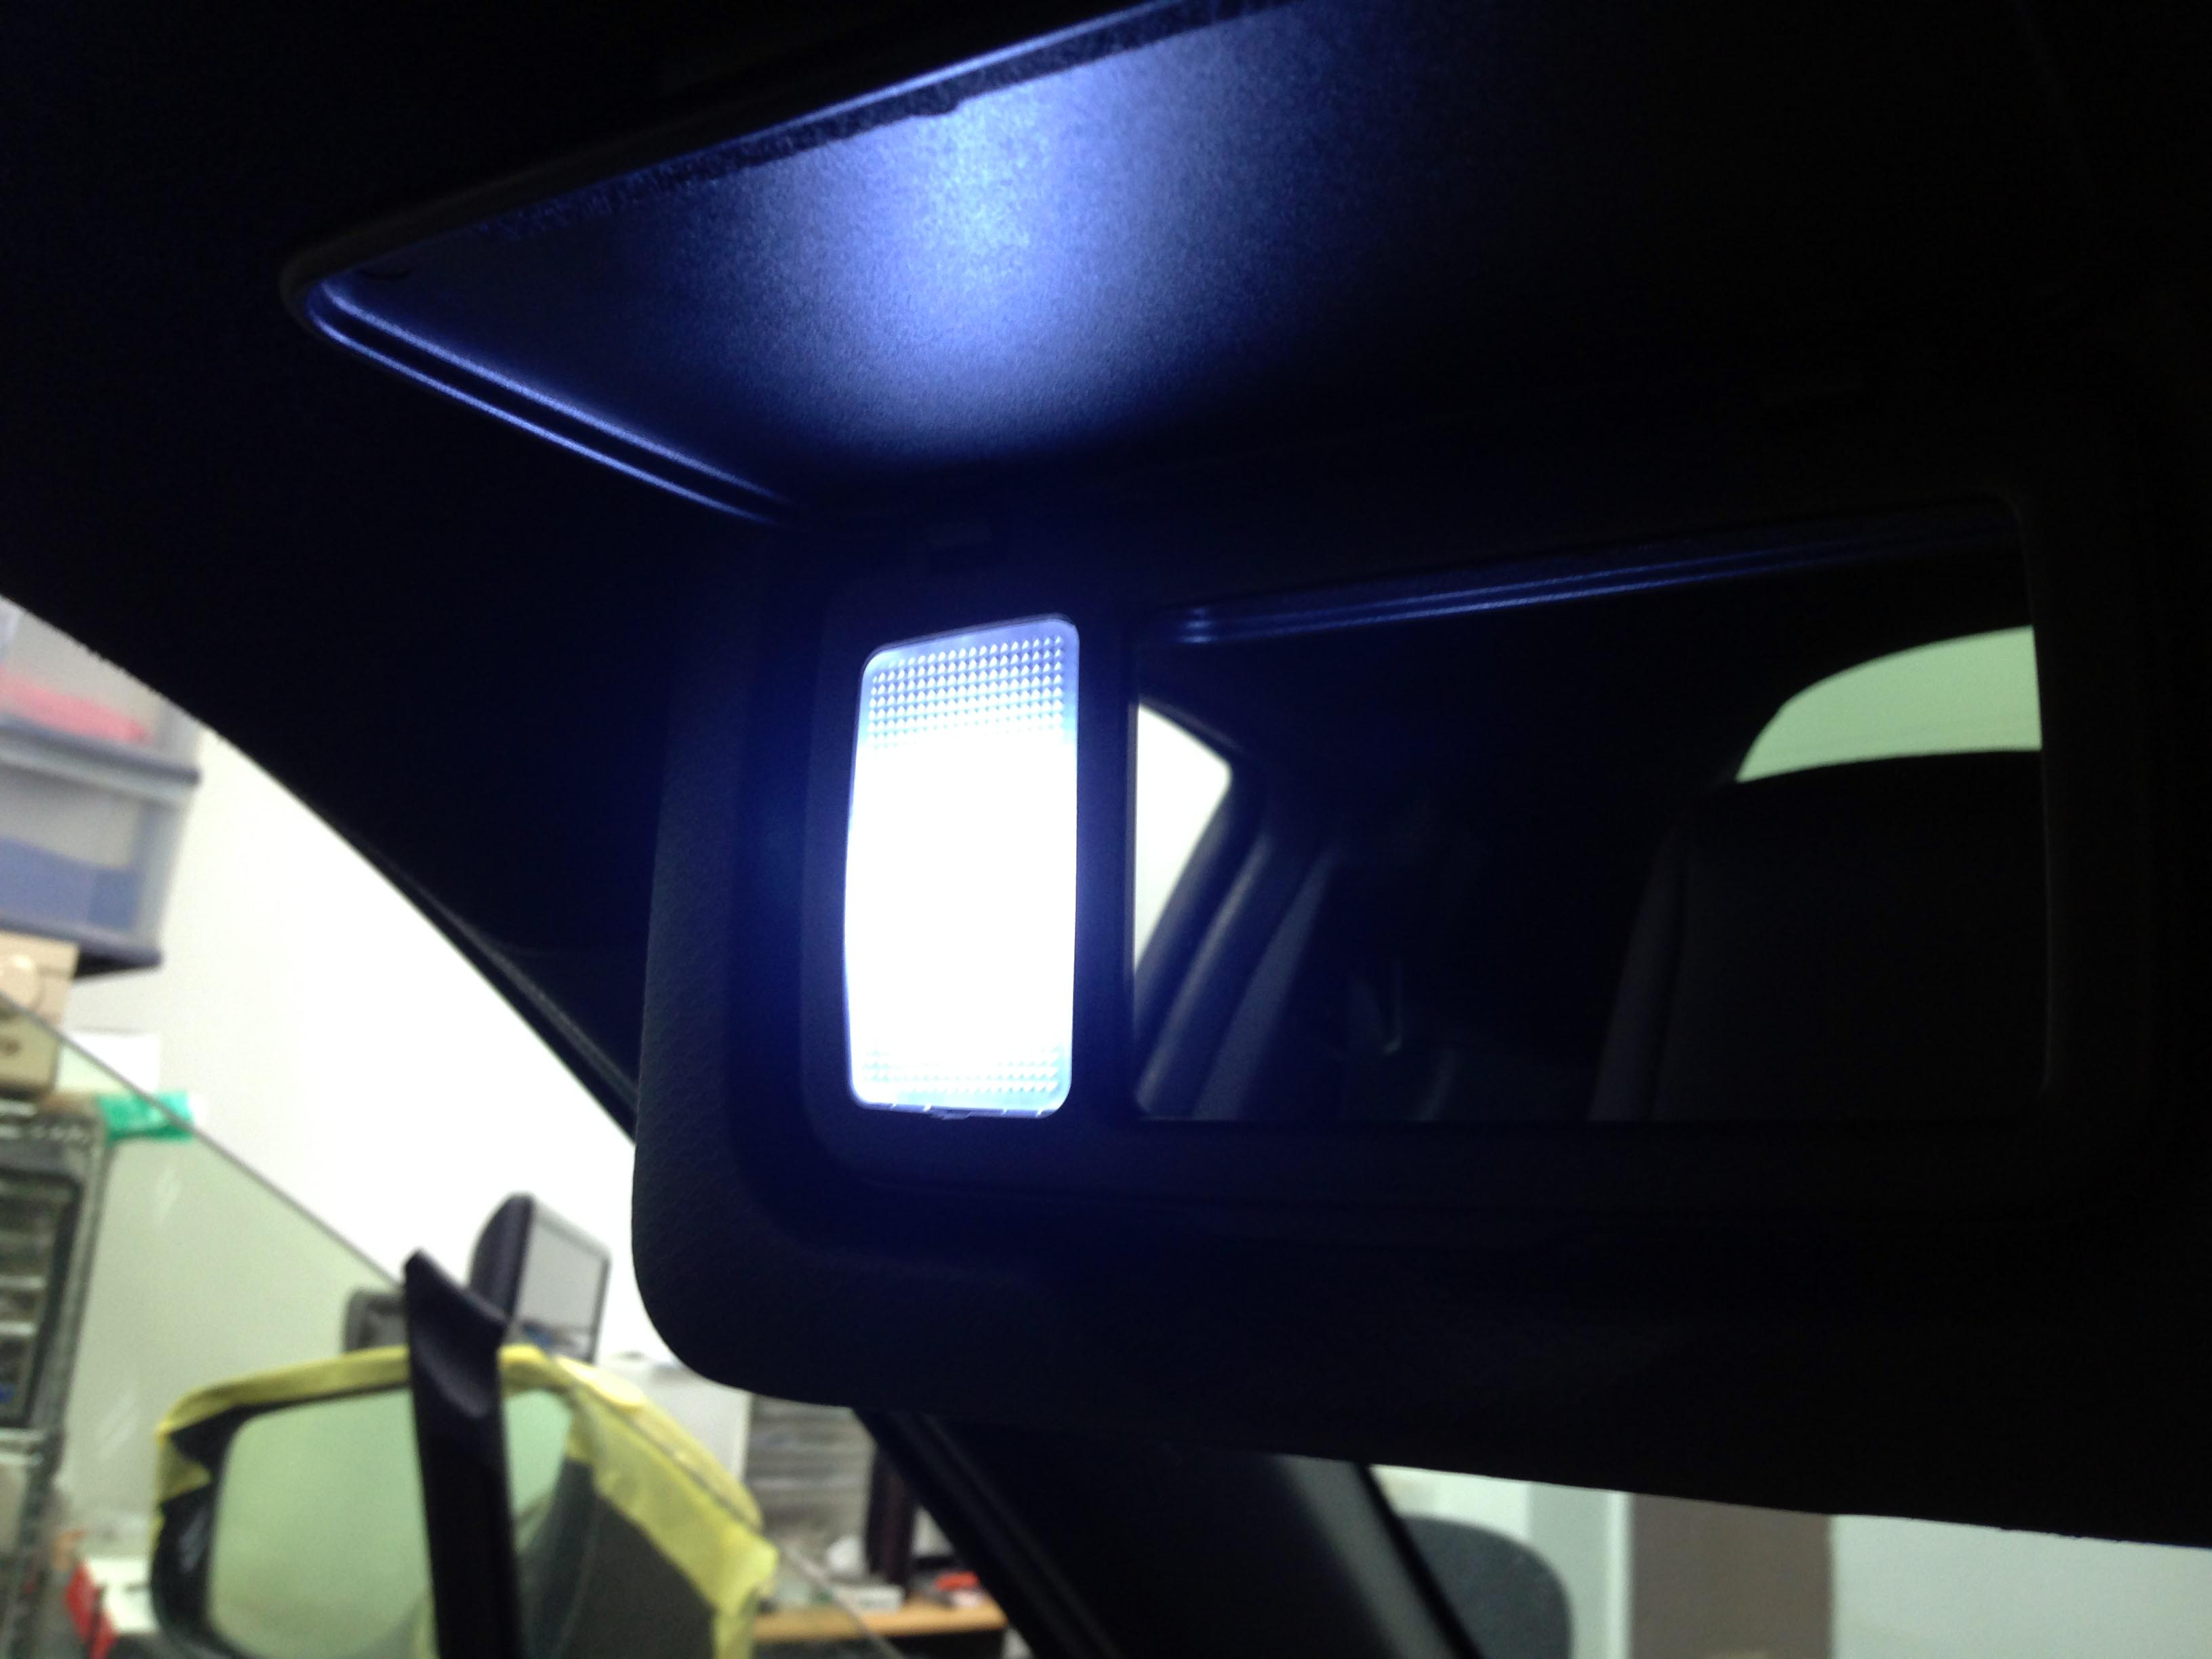 スバルBRZバニティミラーランプのLED化